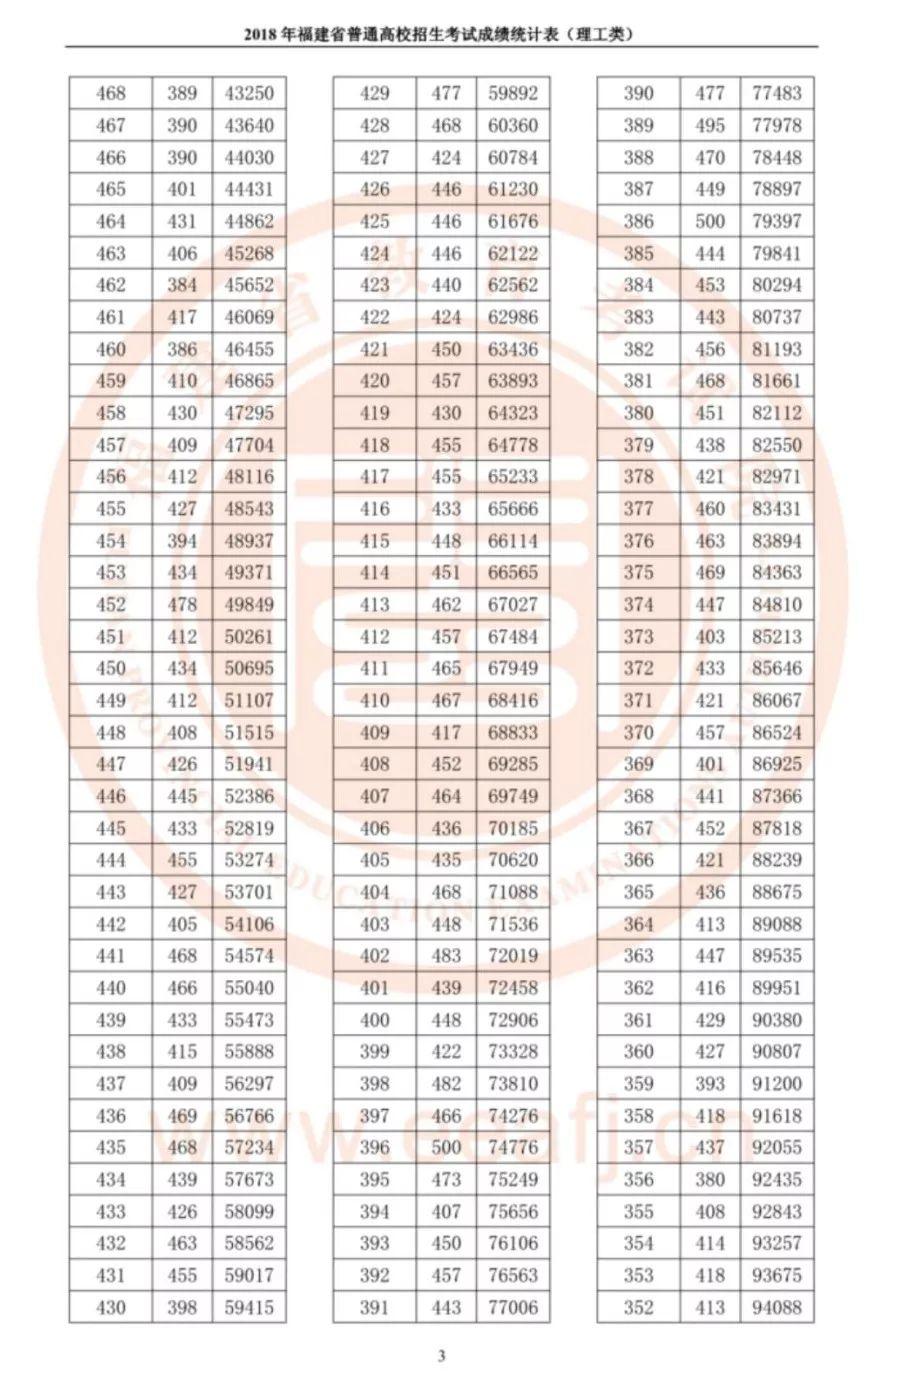 福建公布高考成绩统计表!今年全省理工700分以上7人,文史680分以上4人